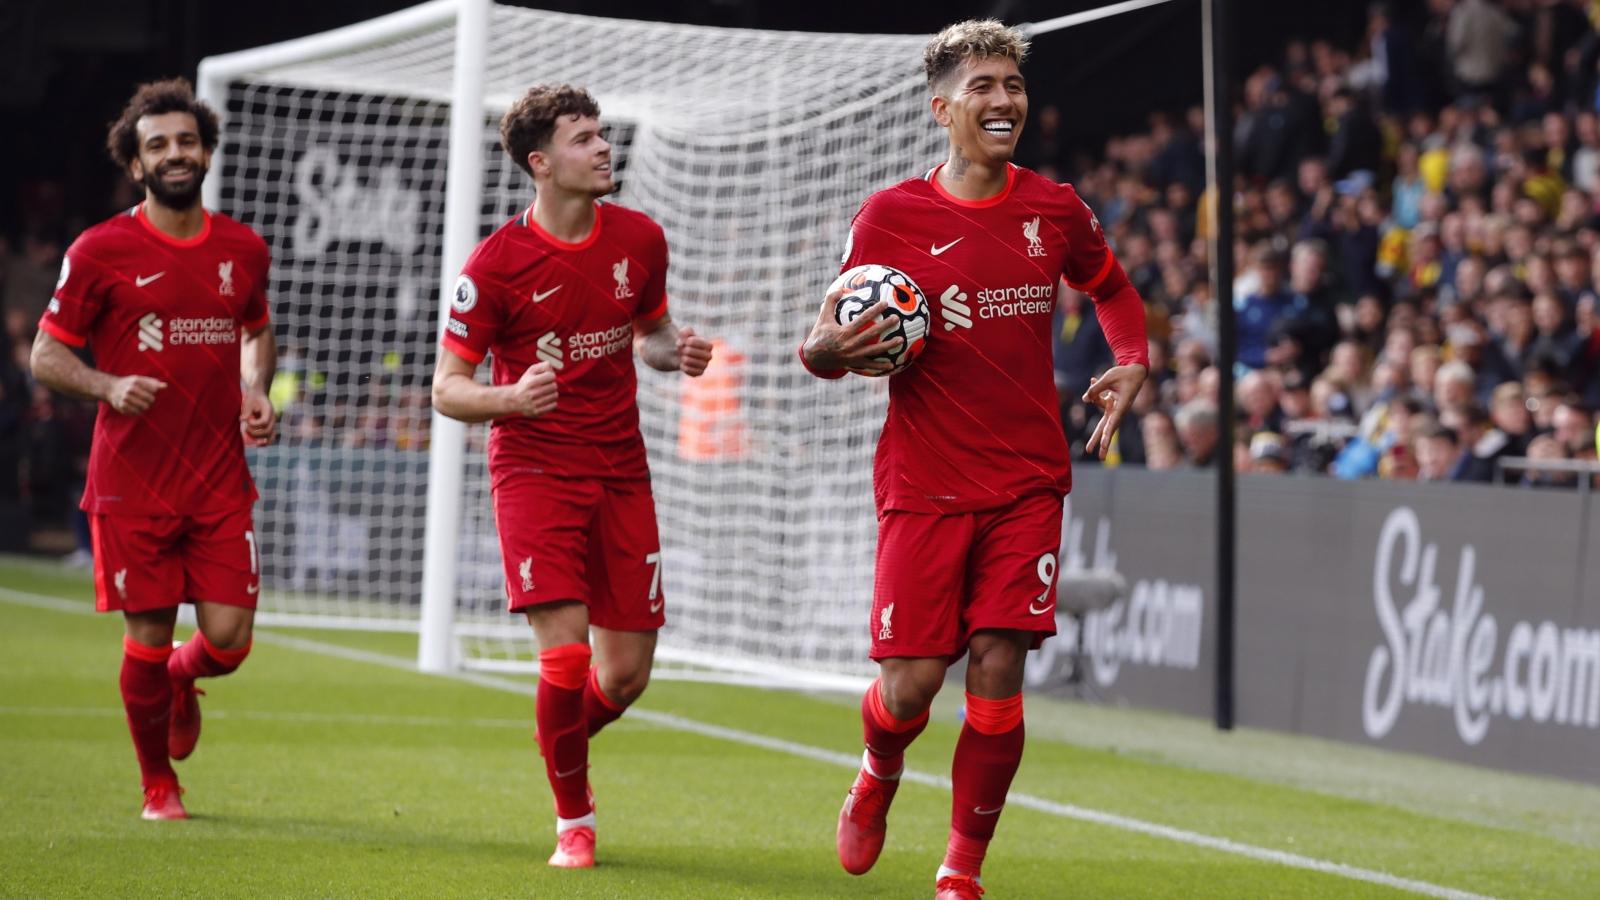 """Liverpool """"hủy diệt"""" Watford nhờ Firmino và Salah, tạm chiếm ngôi đầu Ngoại hạng Anh"""